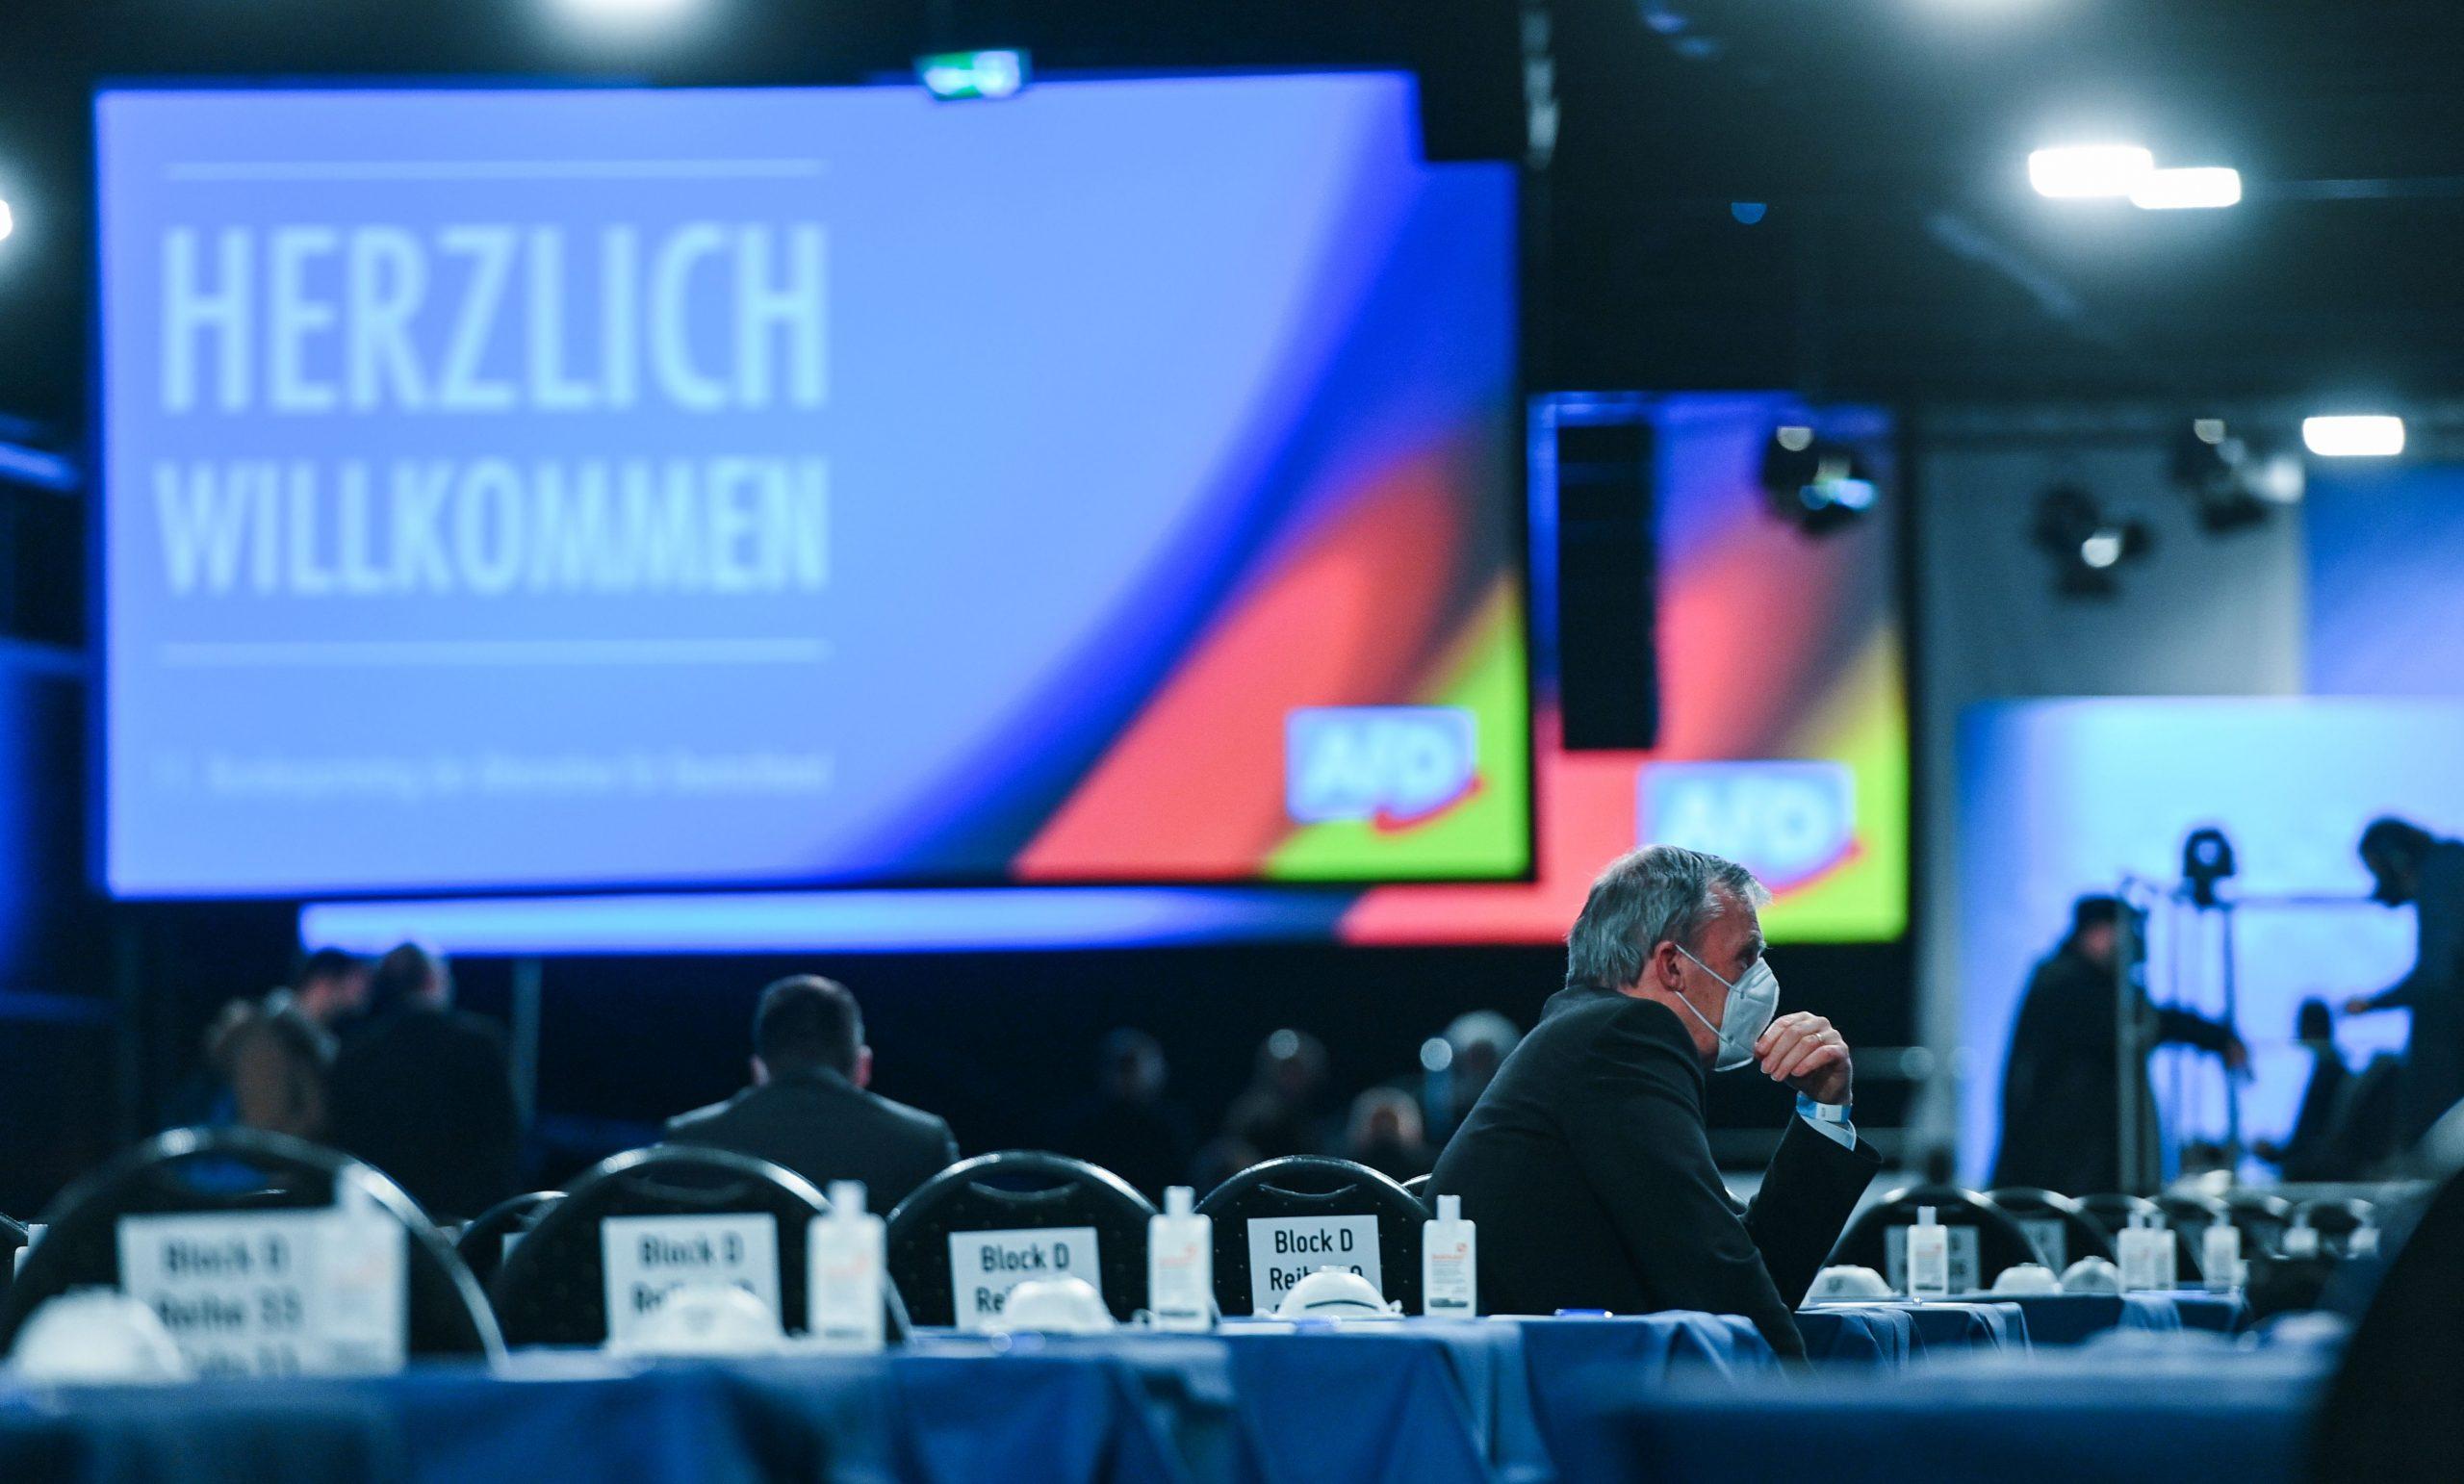 AfD-Bundesparteitag: Forderung nach Ende des Corona-Lockdowns und EU-Austritt Deutschlands